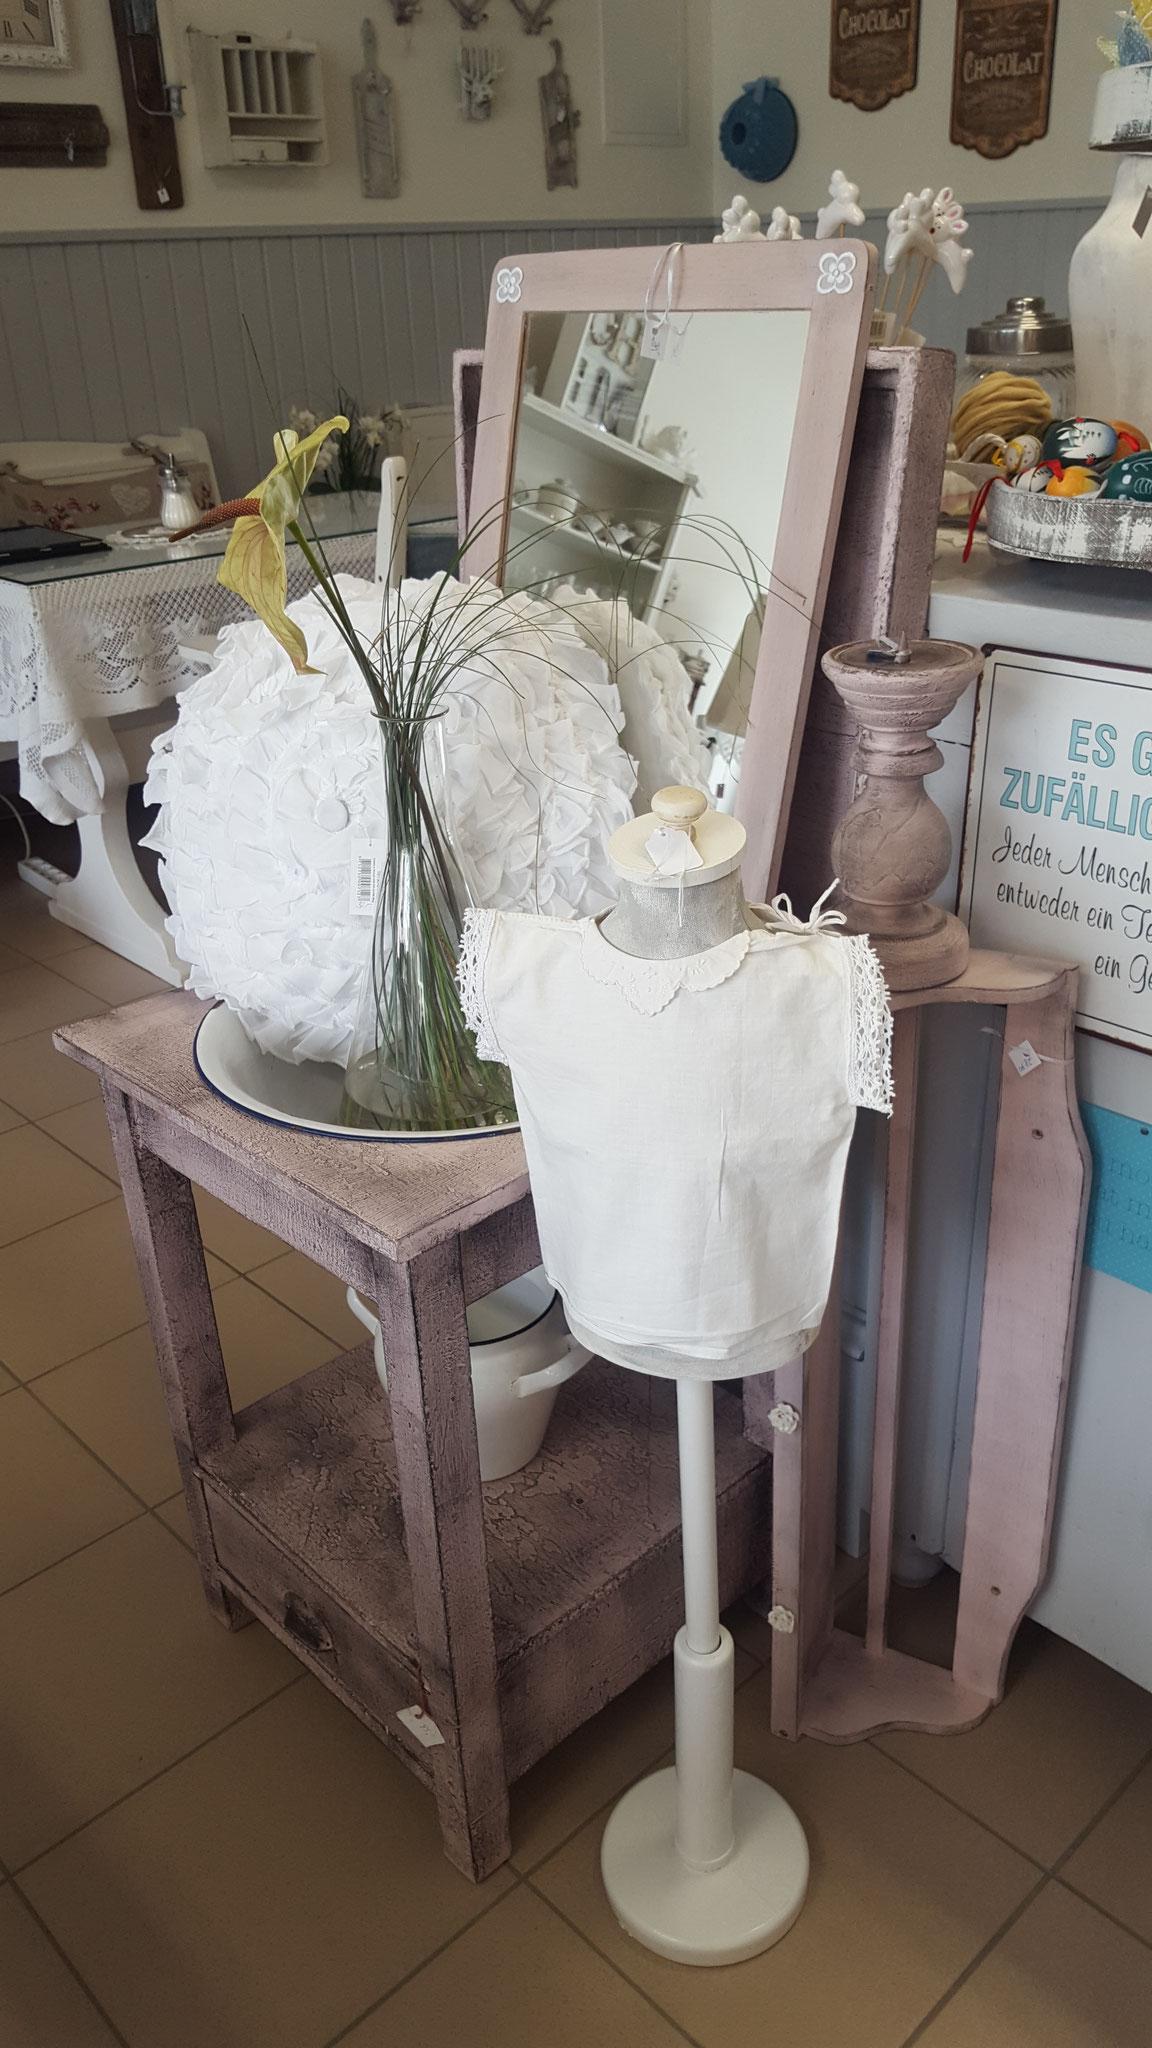 Dekorationsartikel wie Kleiderpuppen und Vasen